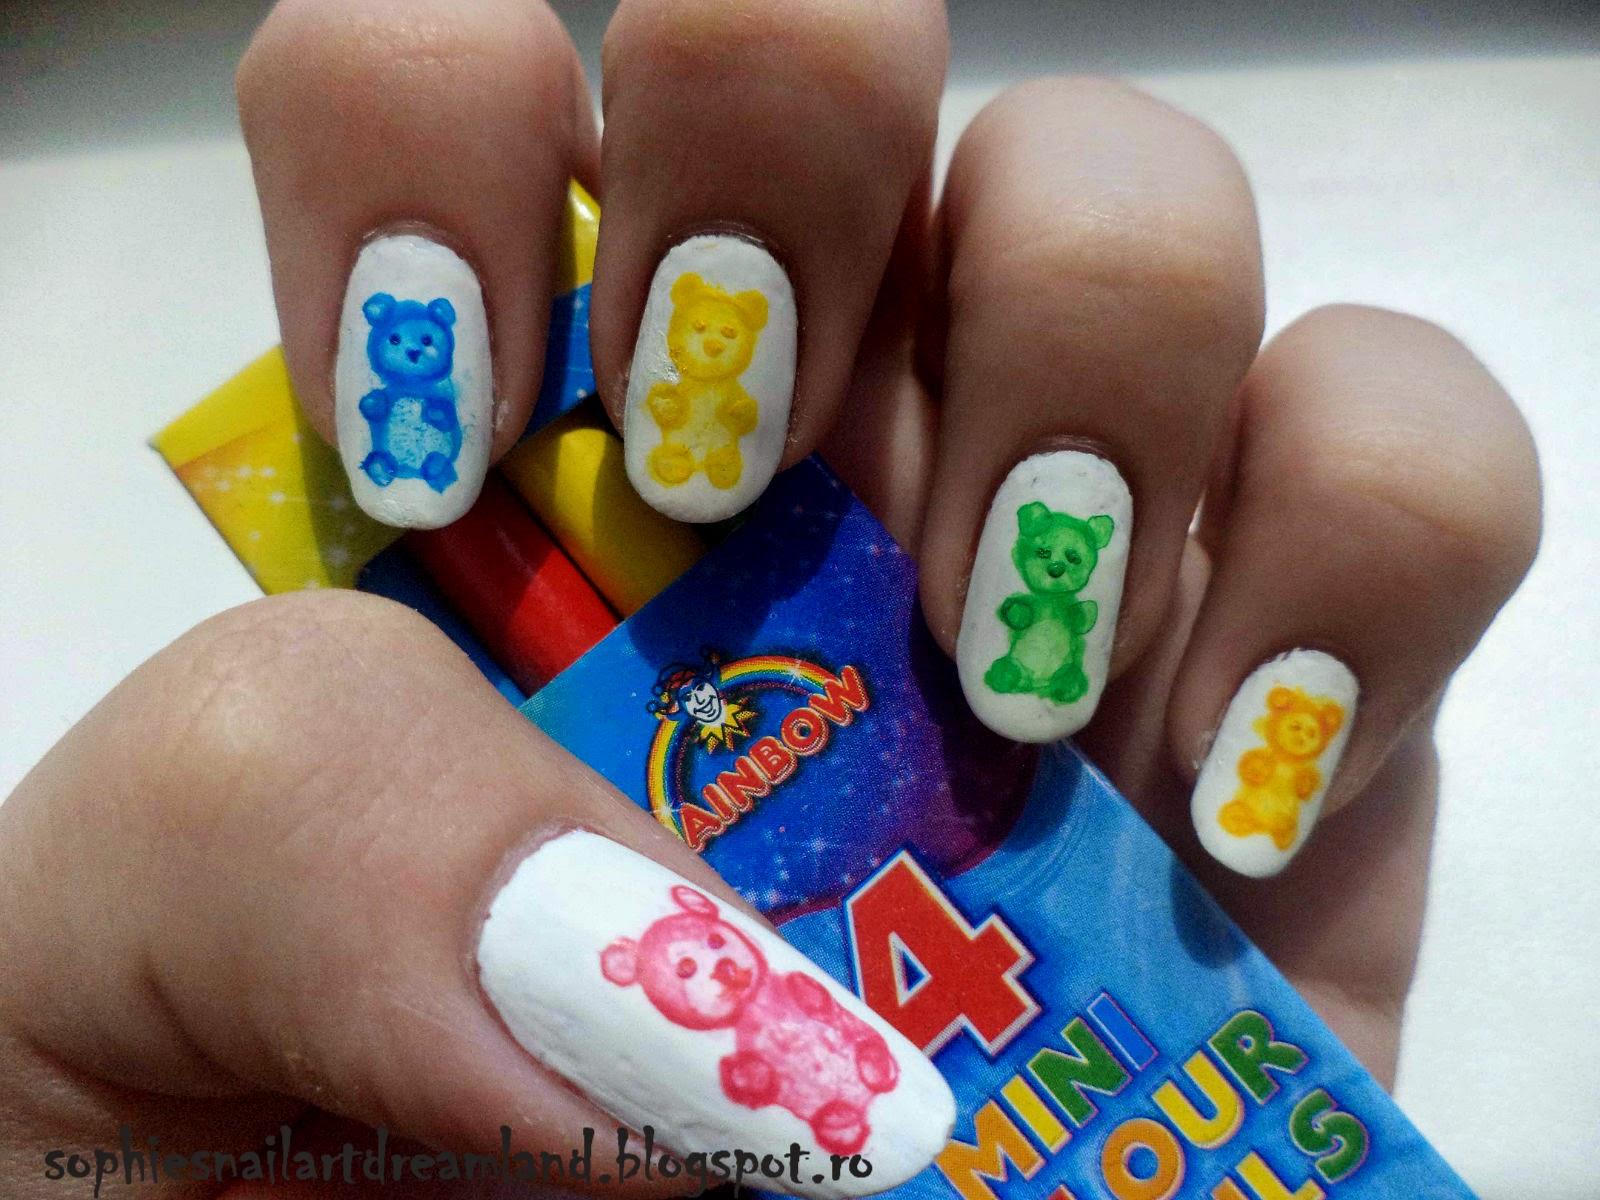 Alphabet nail art challenge - Letter G for... Gummy Bears ...